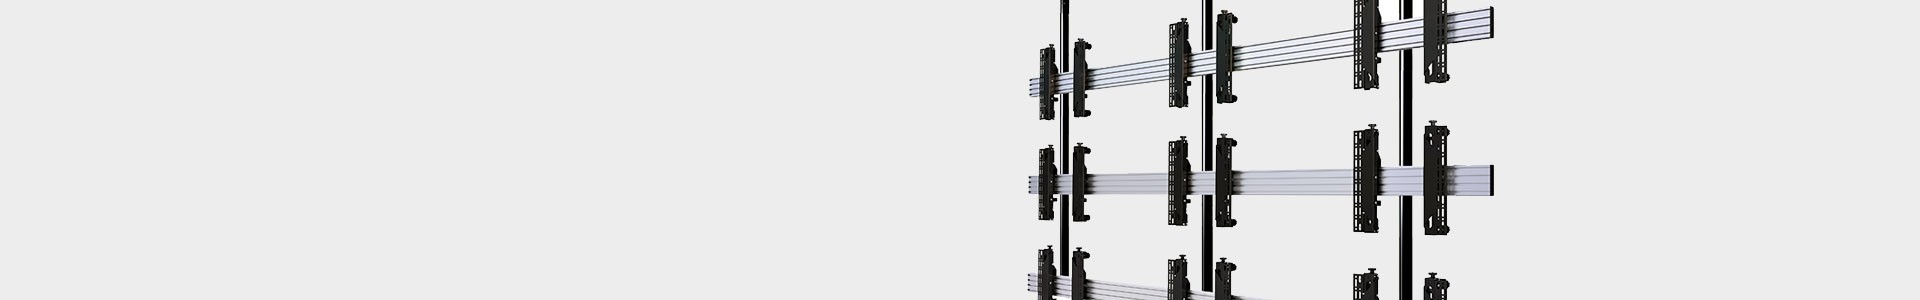 Supporti per videowall a soffitto, parete o pavimento - Avacab